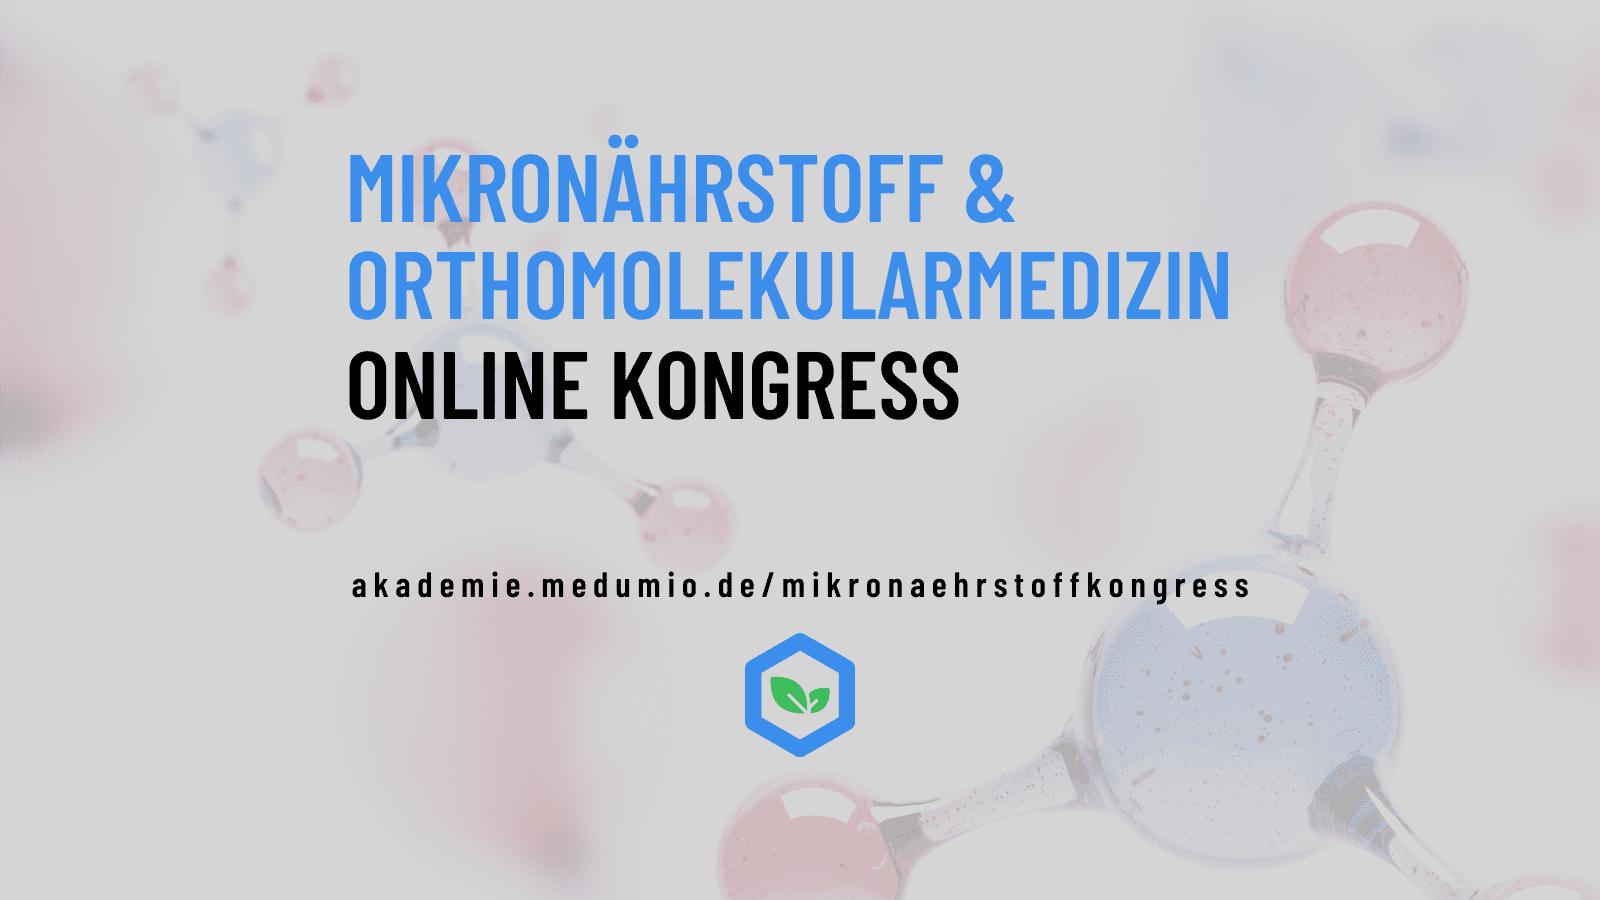 Mikronährstoff & Orthomolekularmedizin Kongress